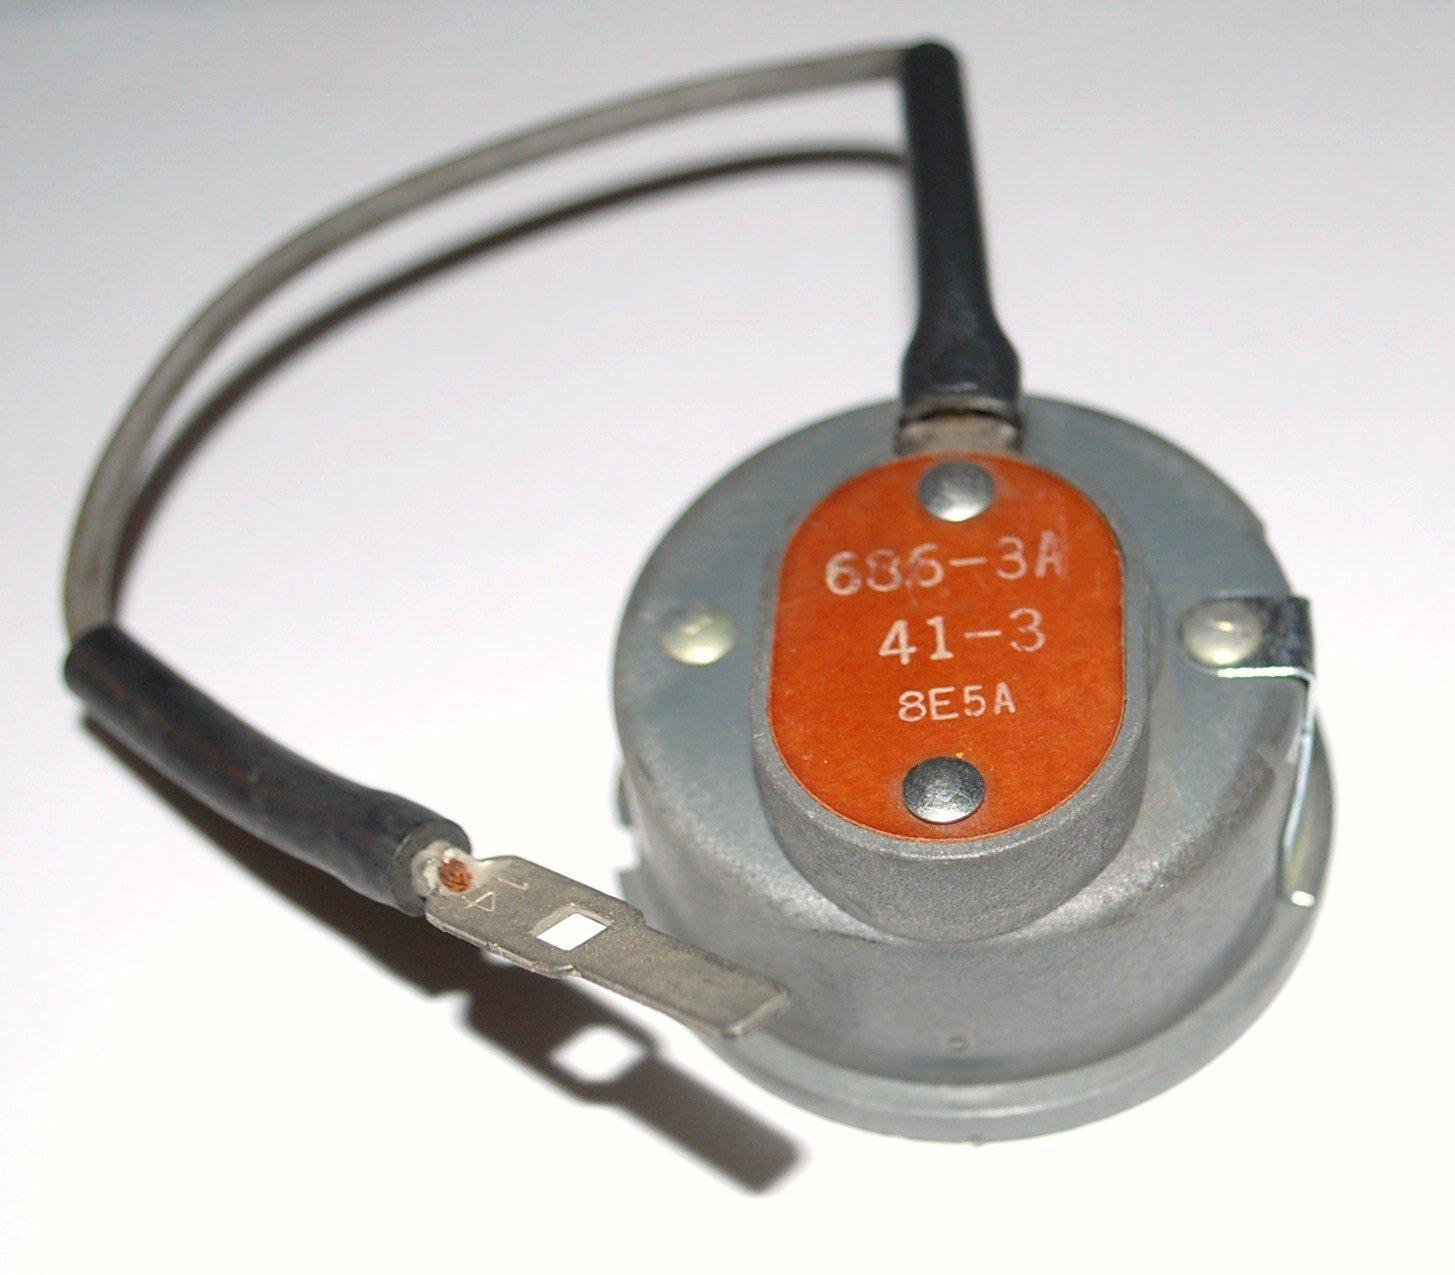 CHOKE THERMOSTAT COMET MONARCH GRANADA MAVERICK F100 F250 F350 E100 E200 E300 HOLLEY 1 BARREL